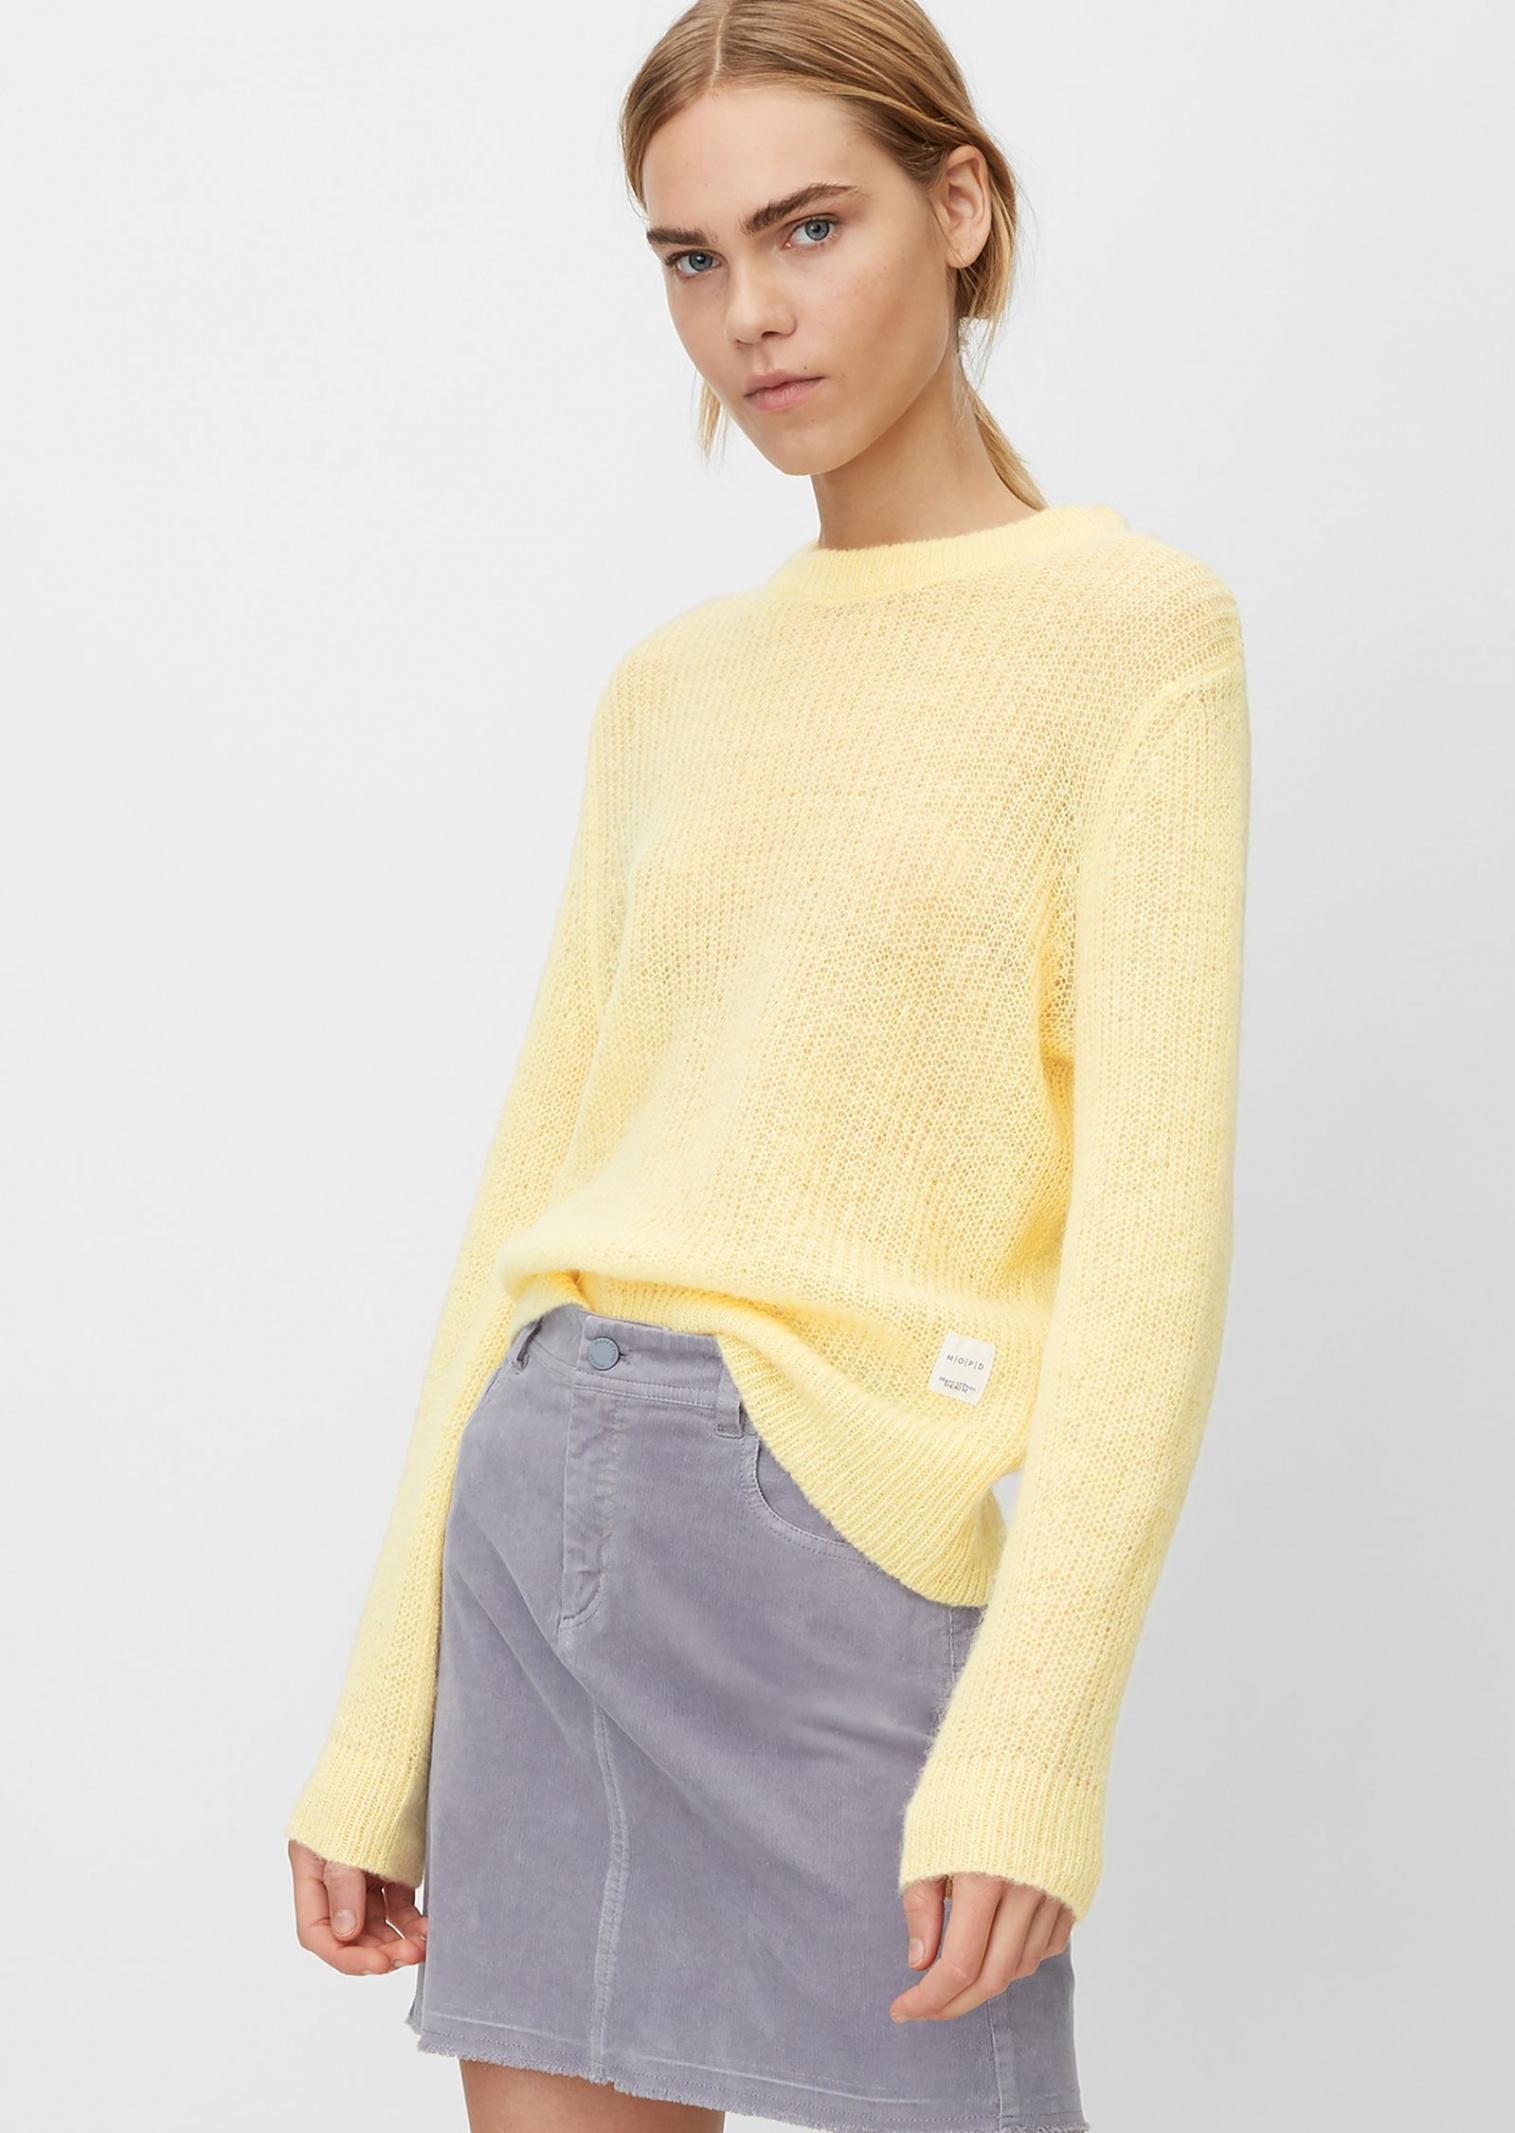 Кофты и свитера женские MARC O'POLO DENIM модель PF3966 приобрести, 2017